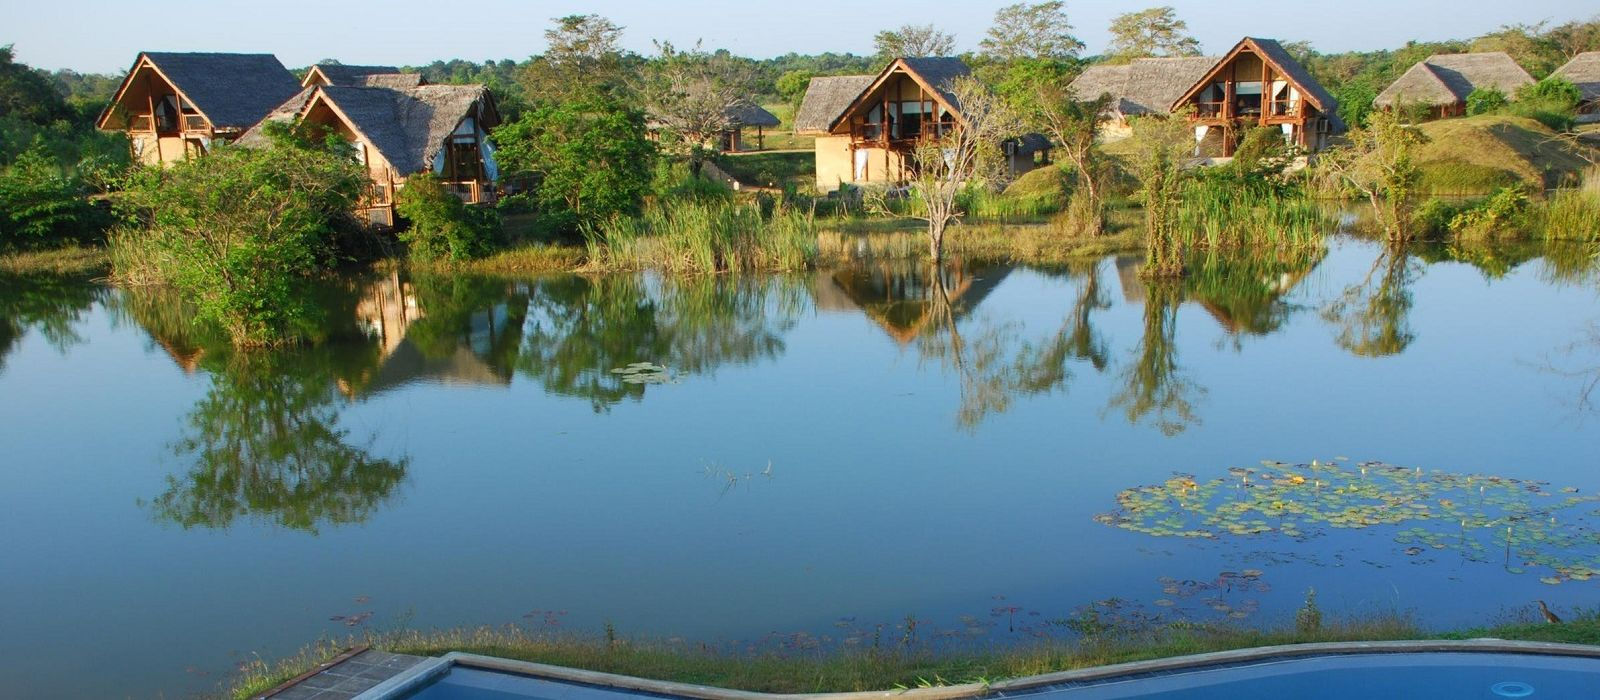 Hotel Sigiriya, Vil Uyana Sri Lanka